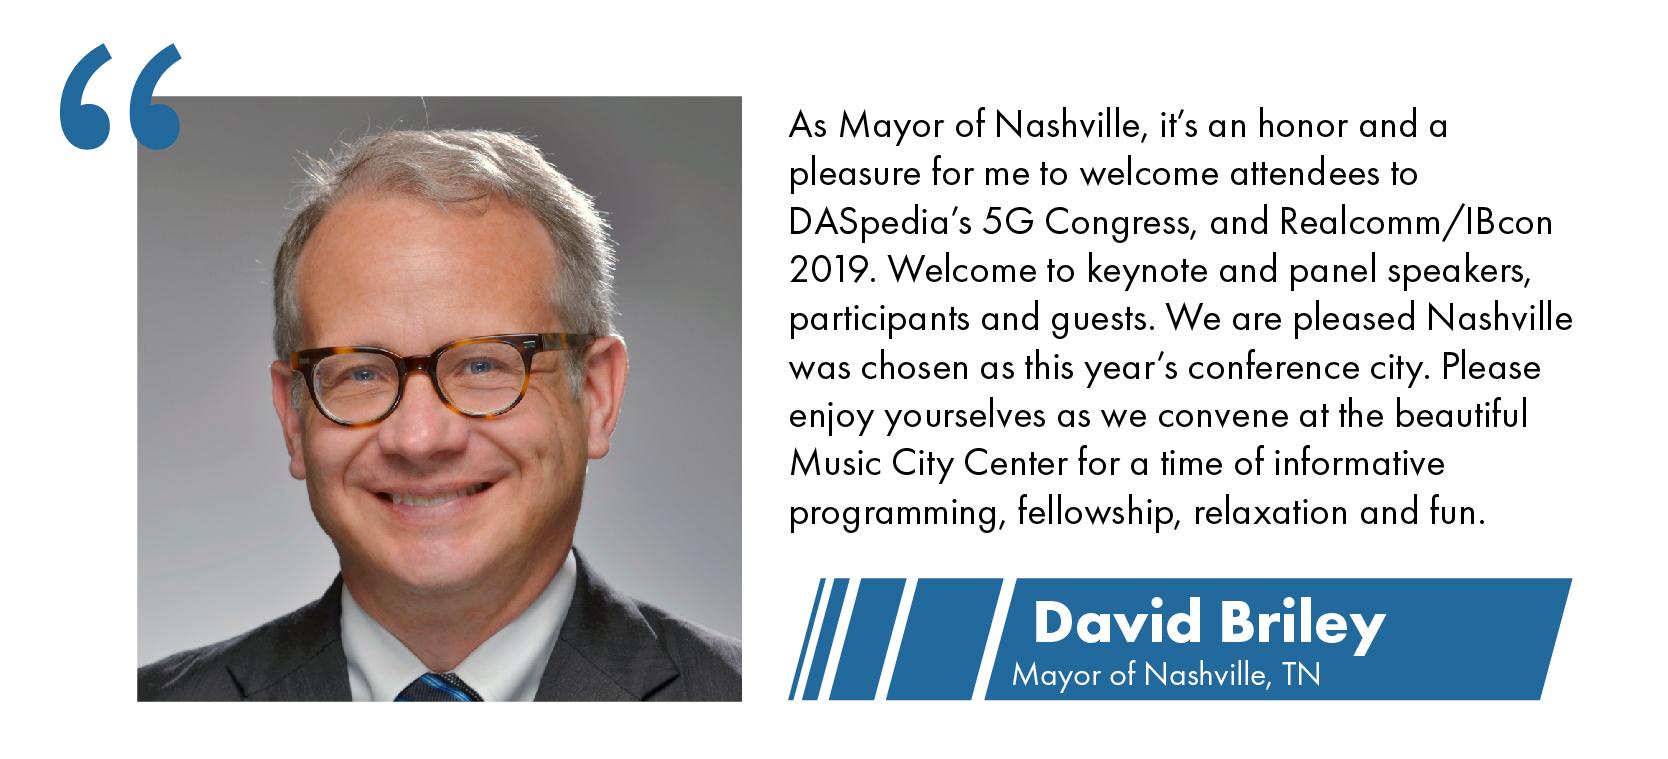 Nashville Mayor